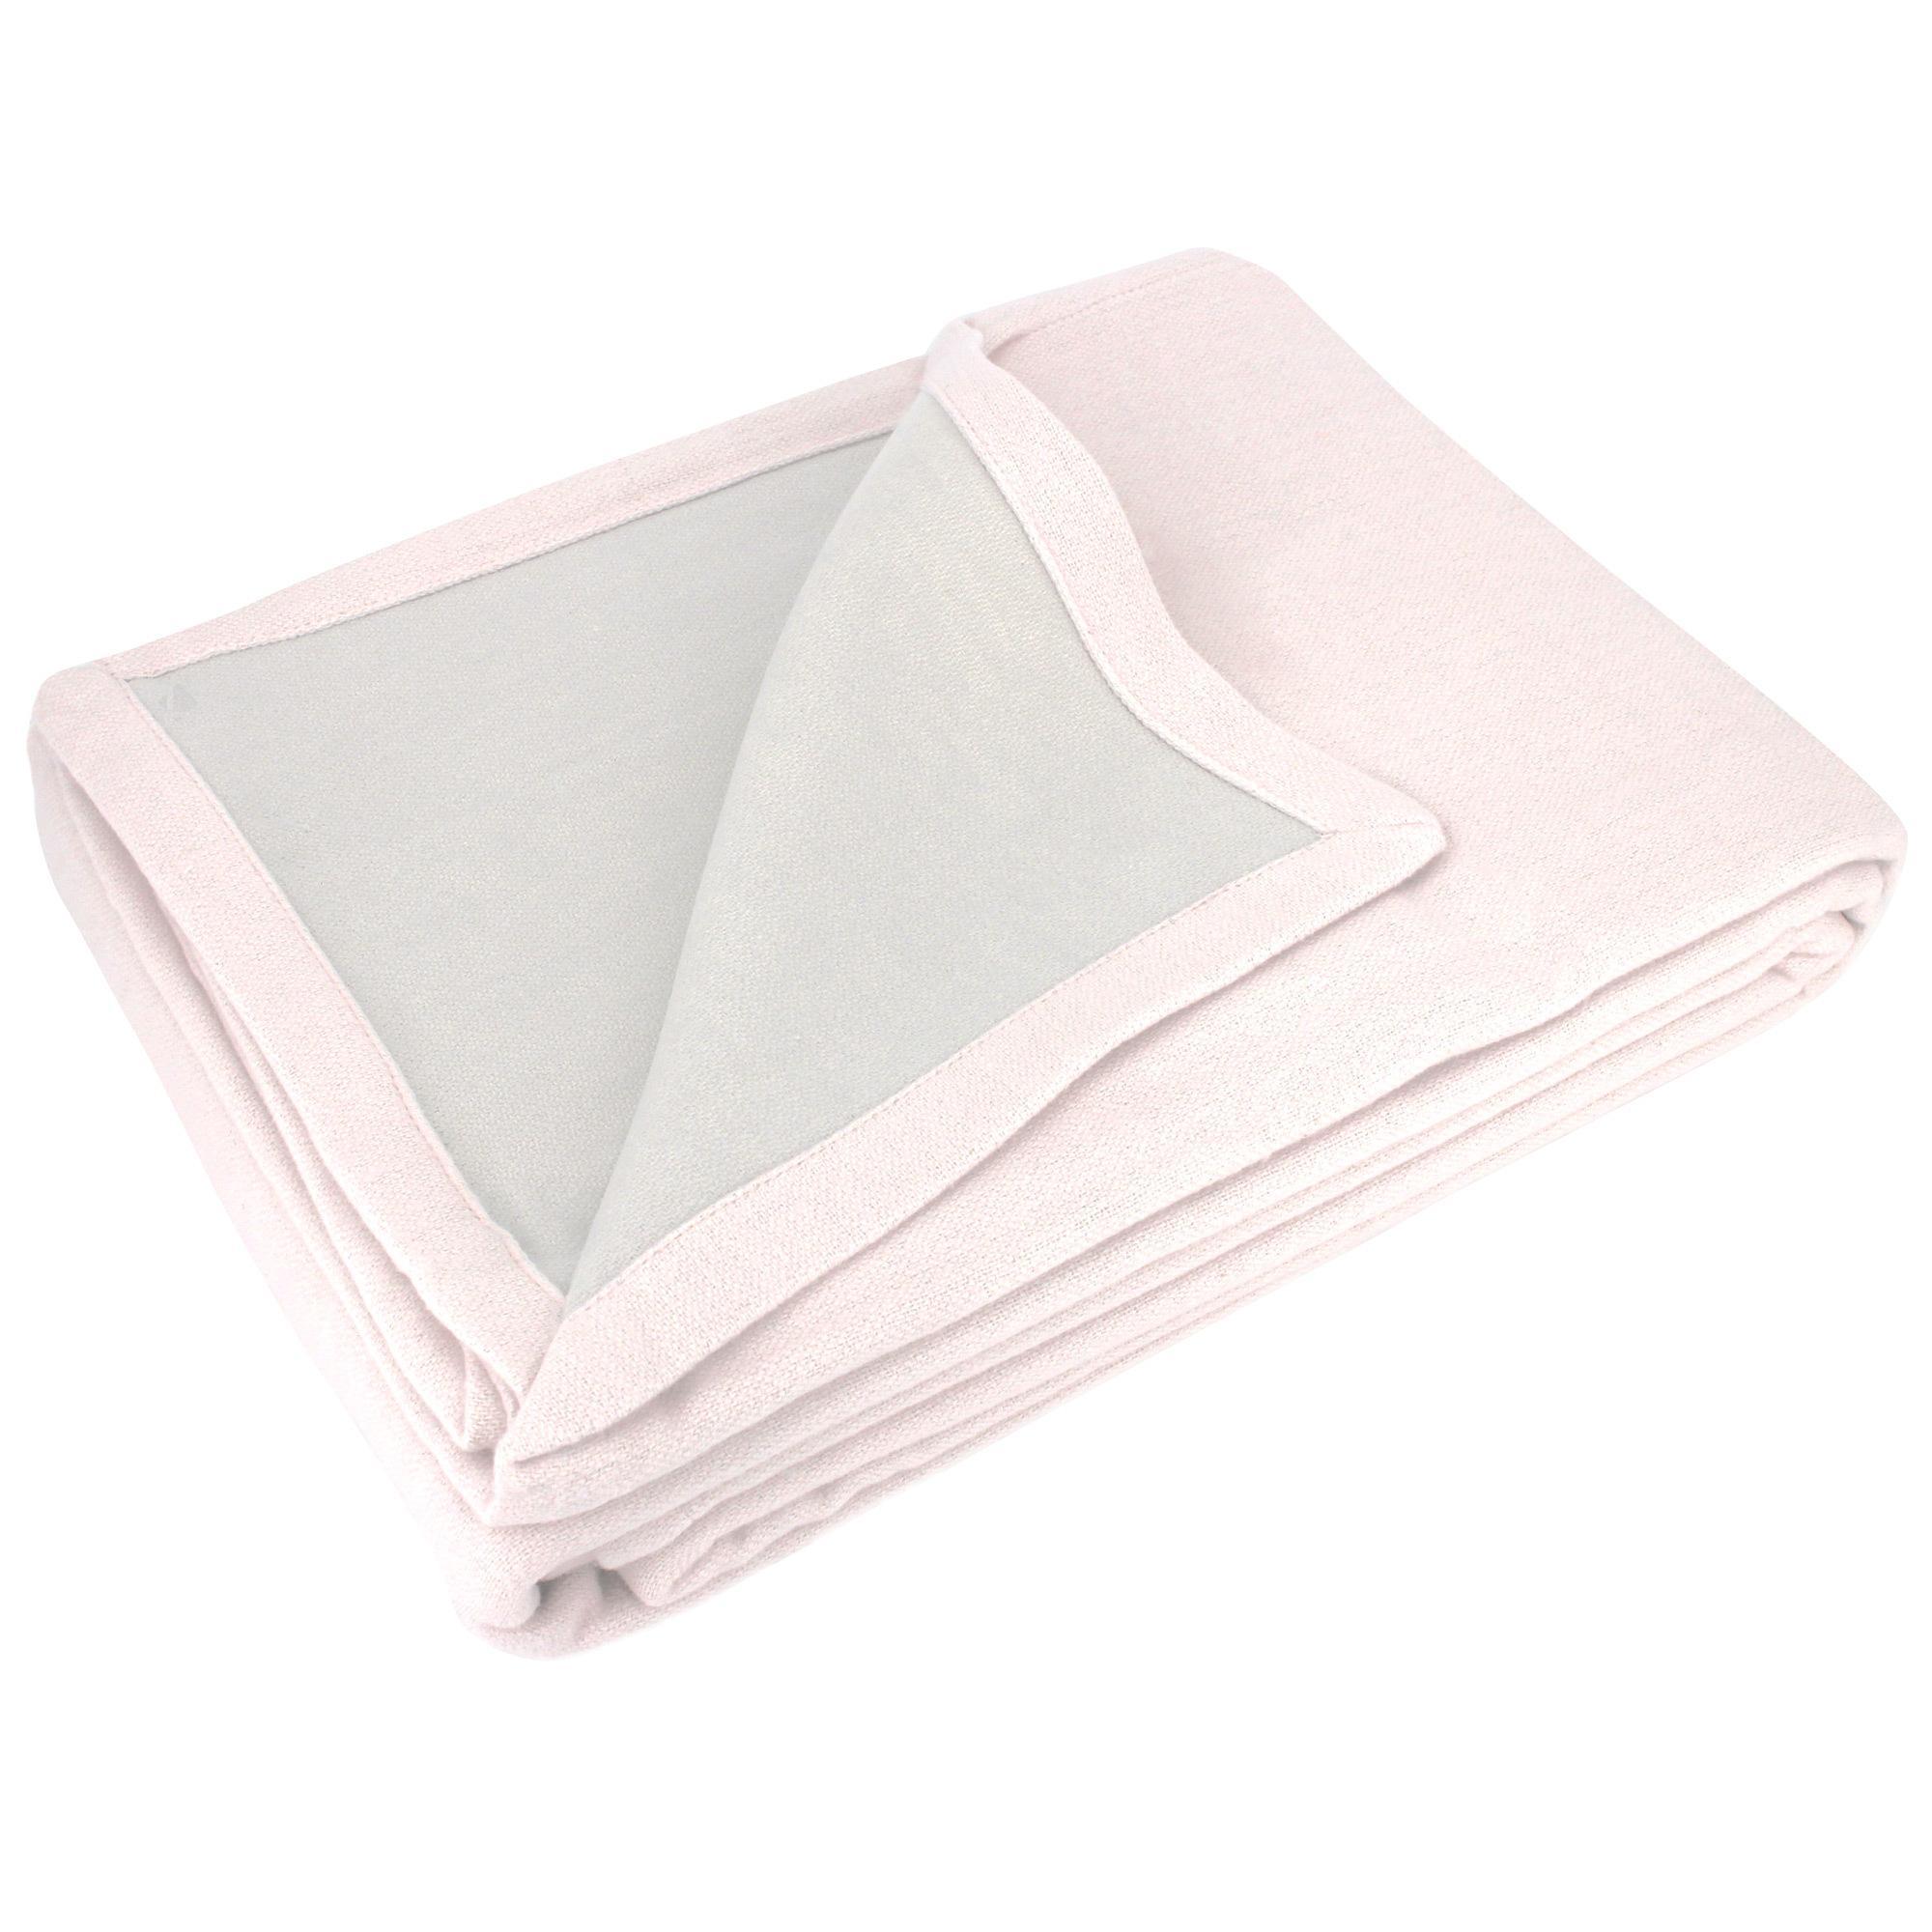 couverture t 240x260 cm 100 coton 260 g m2 provence bicolore rose poudr perle linnea. Black Bedroom Furniture Sets. Home Design Ideas